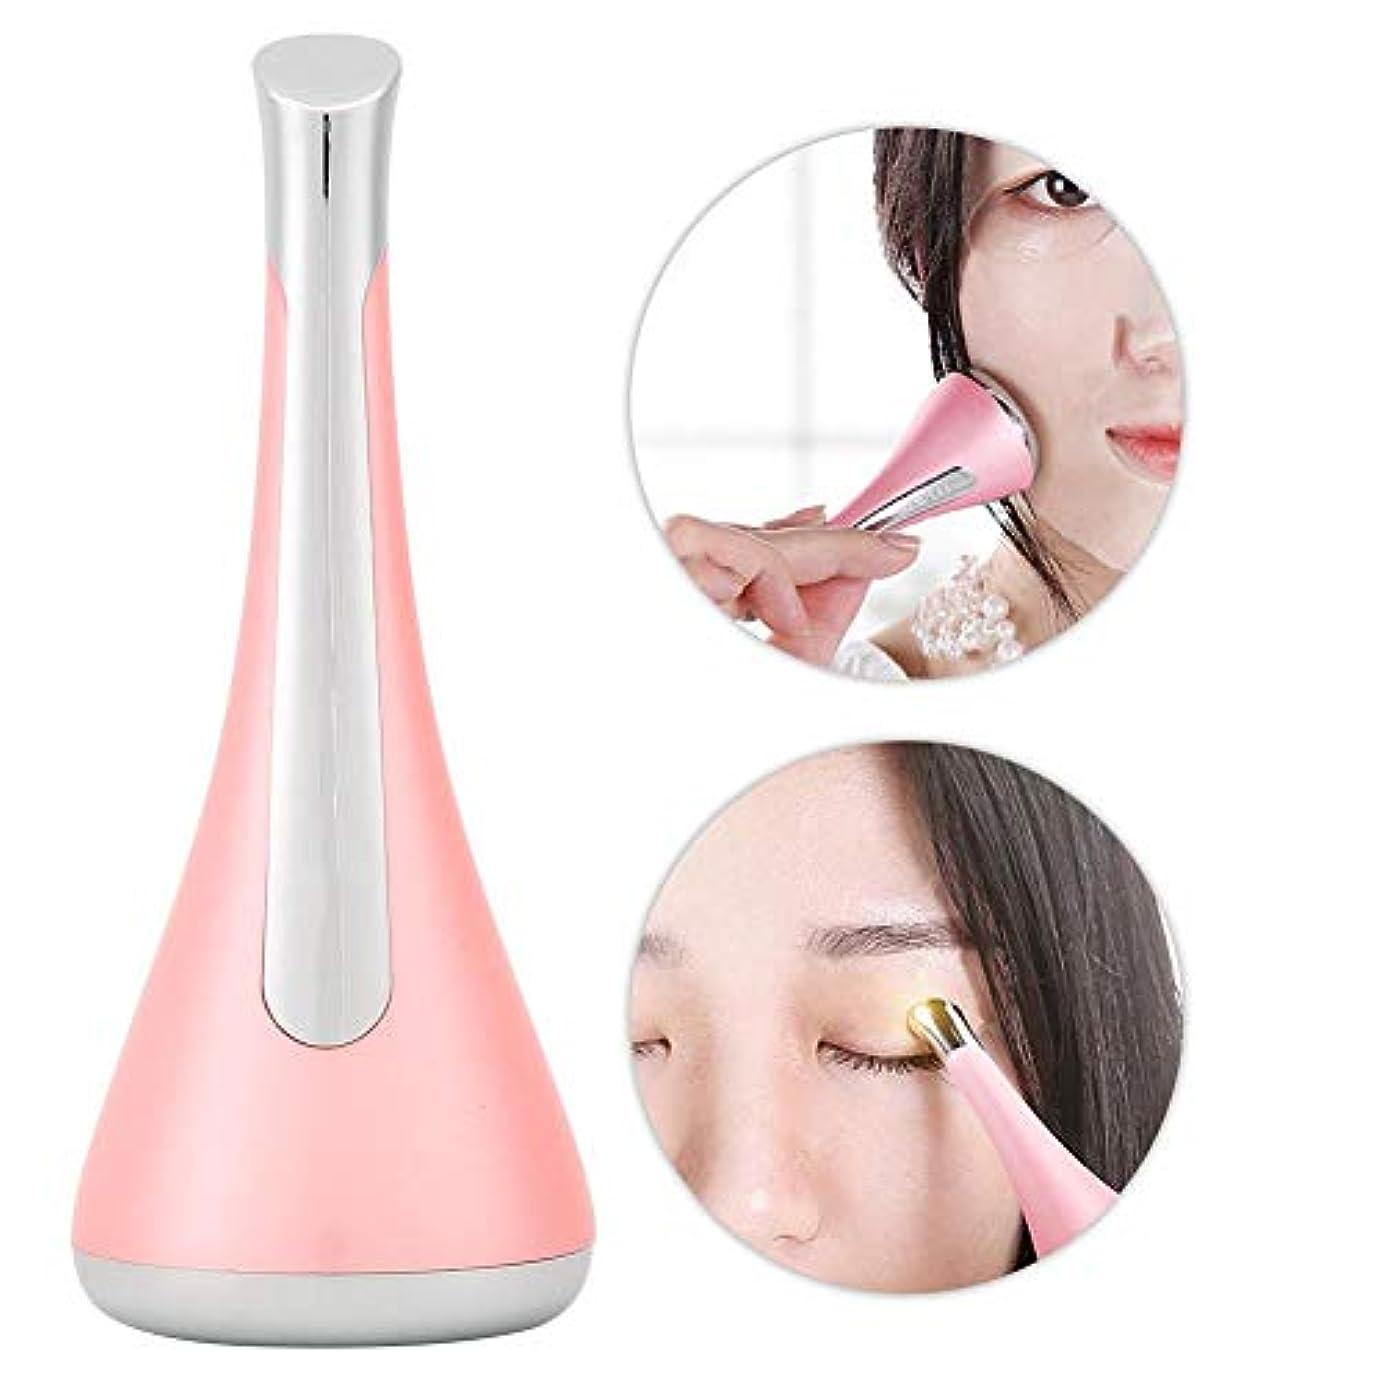 除去傾向があります打ち上げる美容機器磁気療法+イオン療法若返りエッセンス輸入機、顔の輪郭完璧な顔のケアと復活